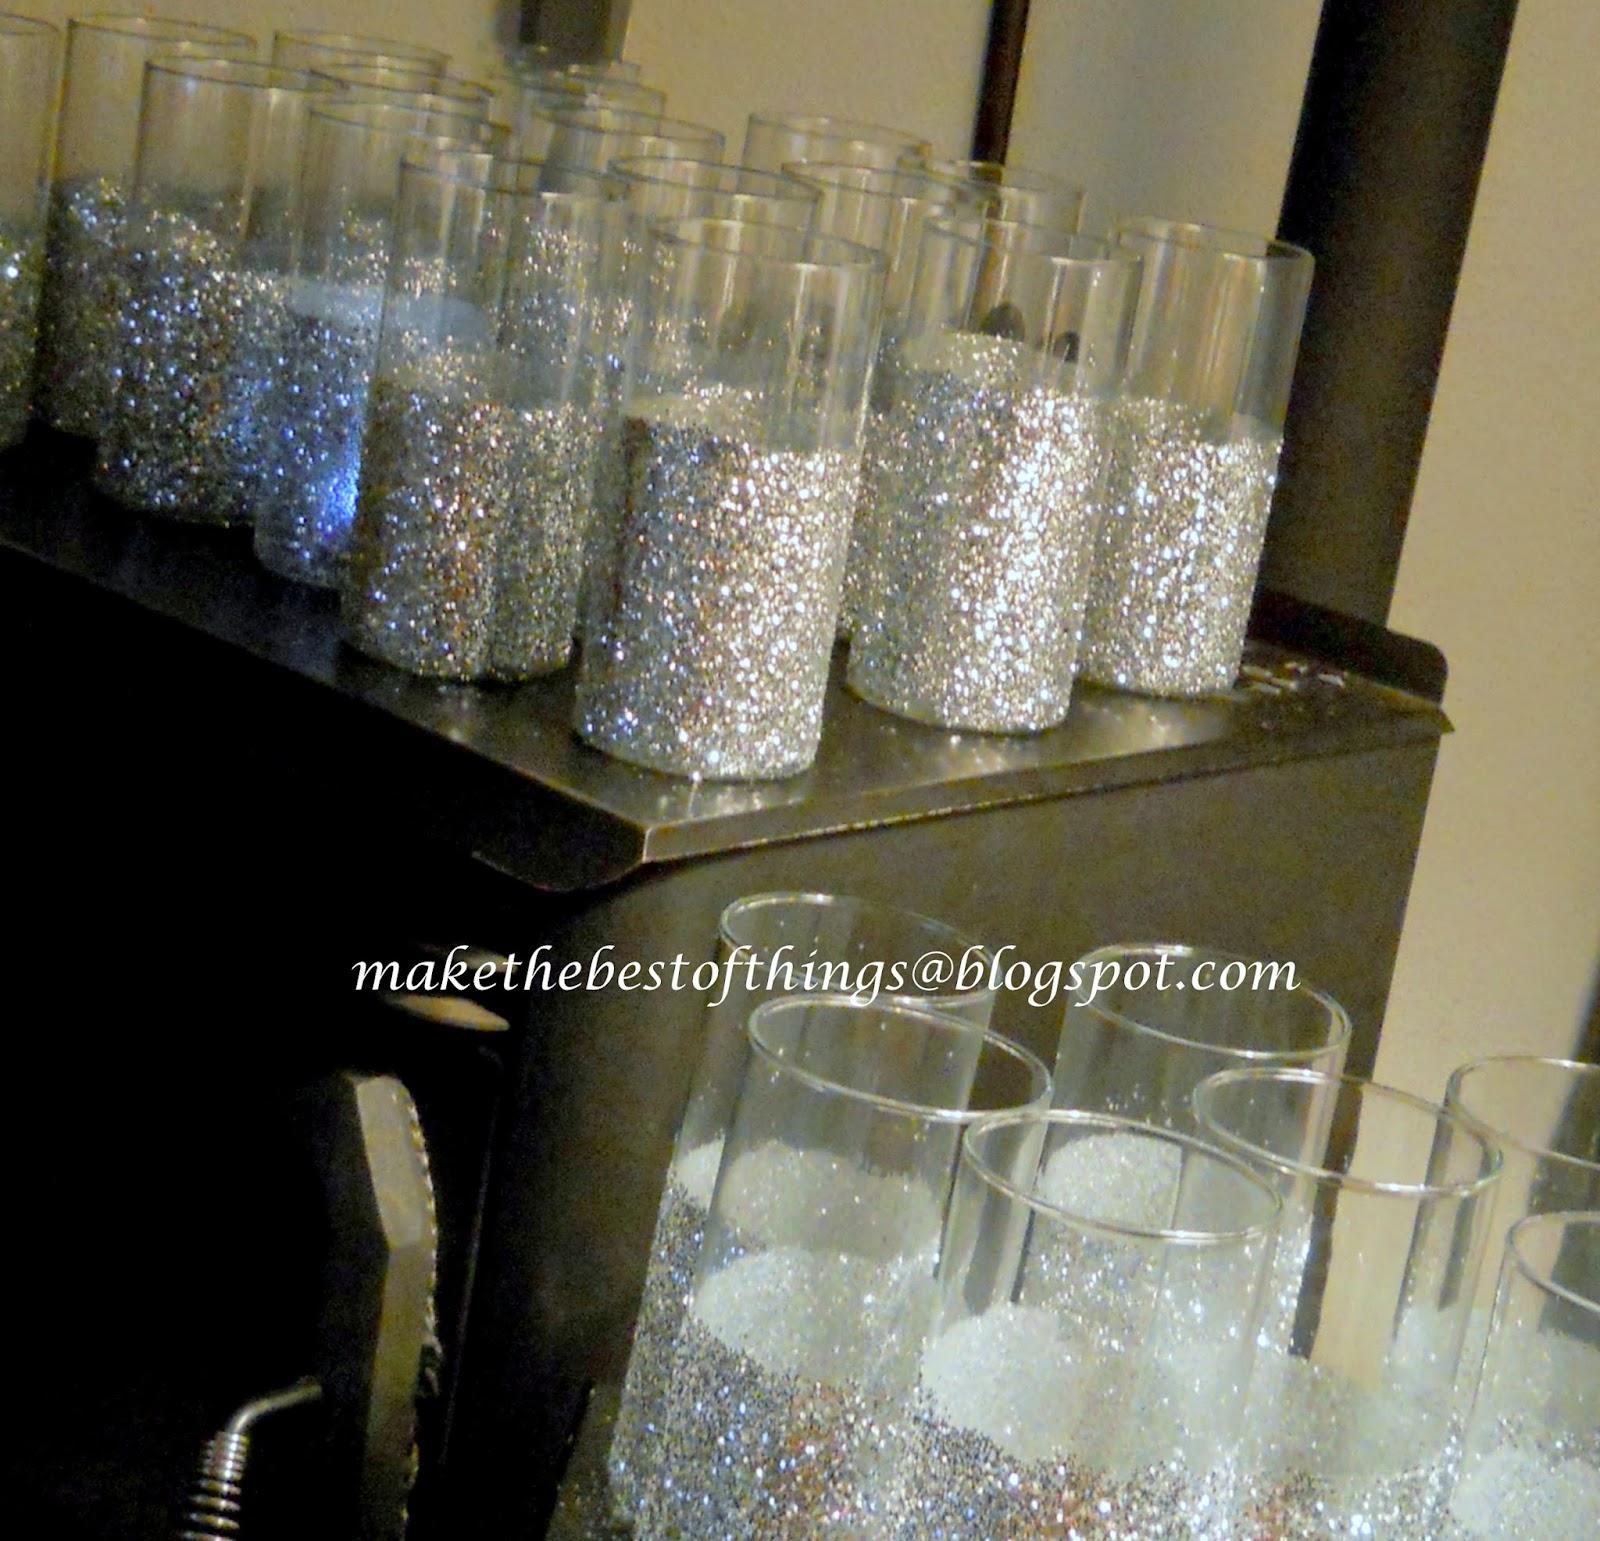 Make the best of things november 2015 glitter blast wedding vases reviewsmspy